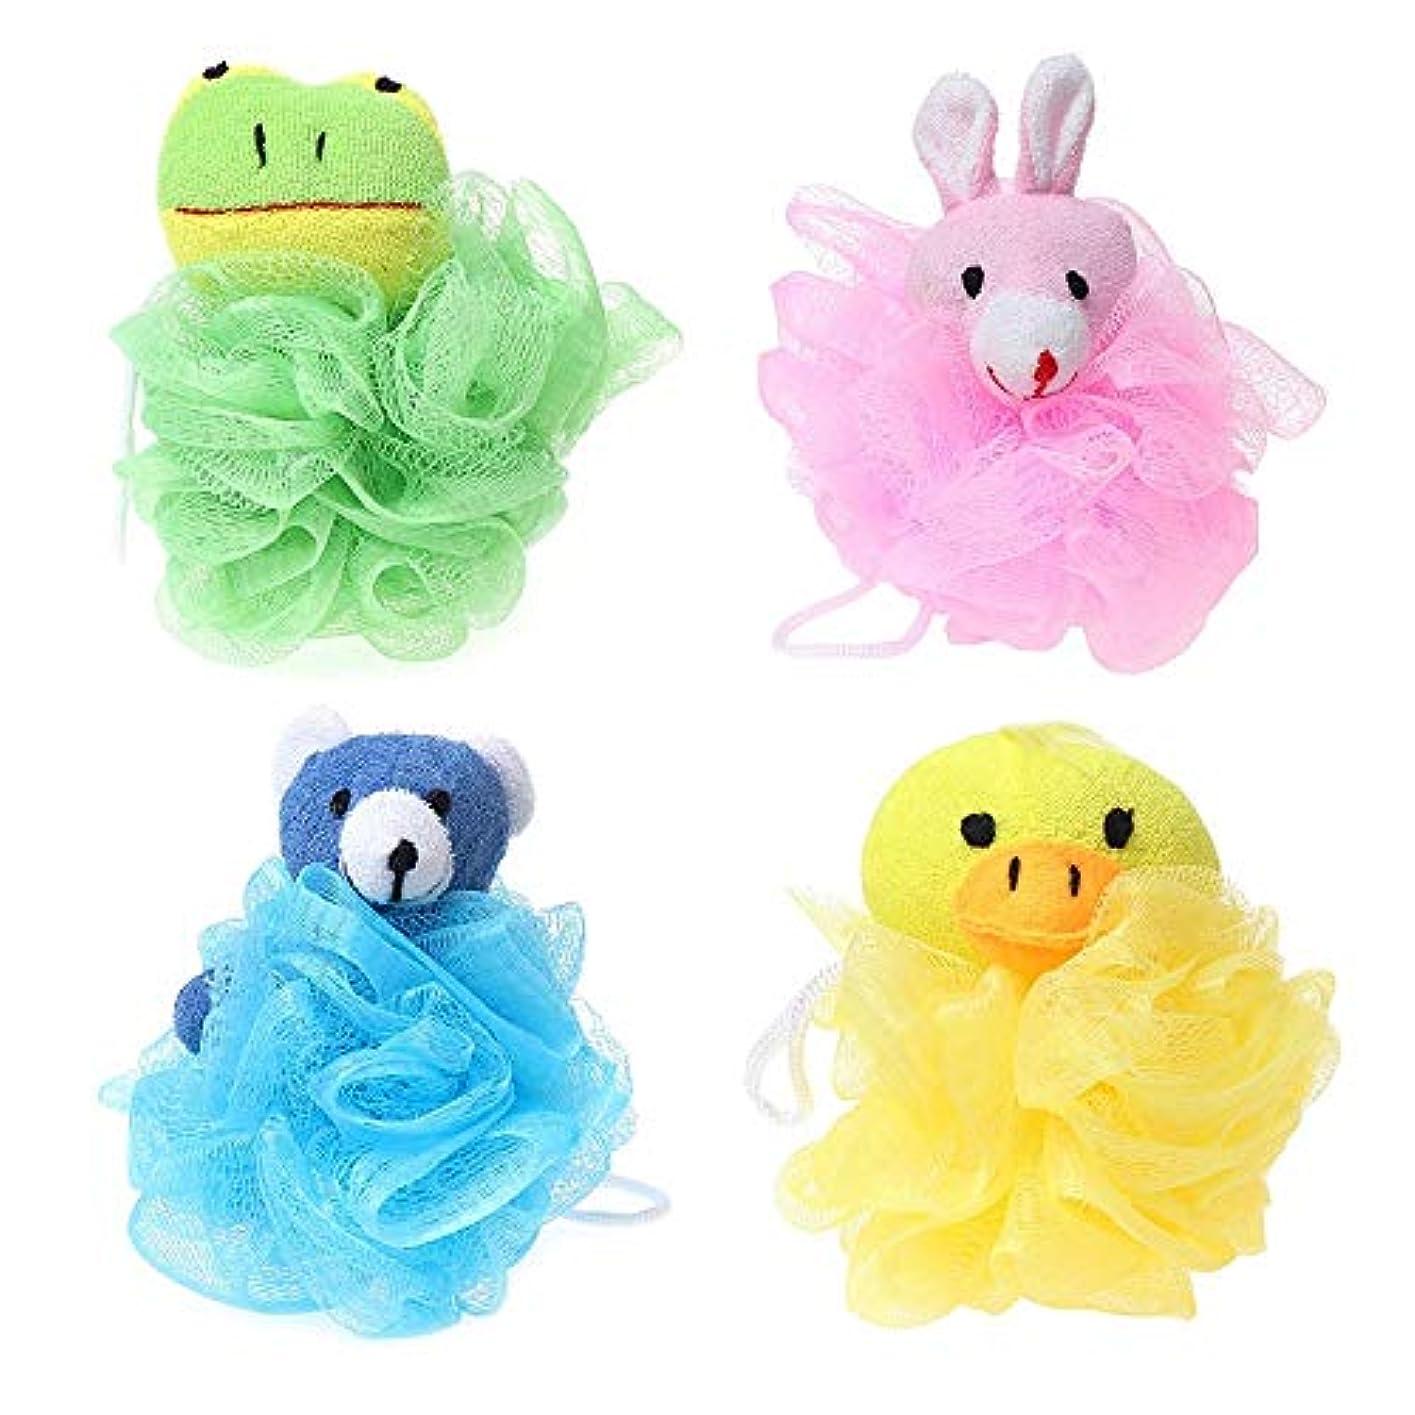 横たわるクリープ用心深いNrpfell 子供用おもちゃクッションパフメッシュぬいぐるみ付き(4パック)カエル、アヒル、ウサギ、クマ